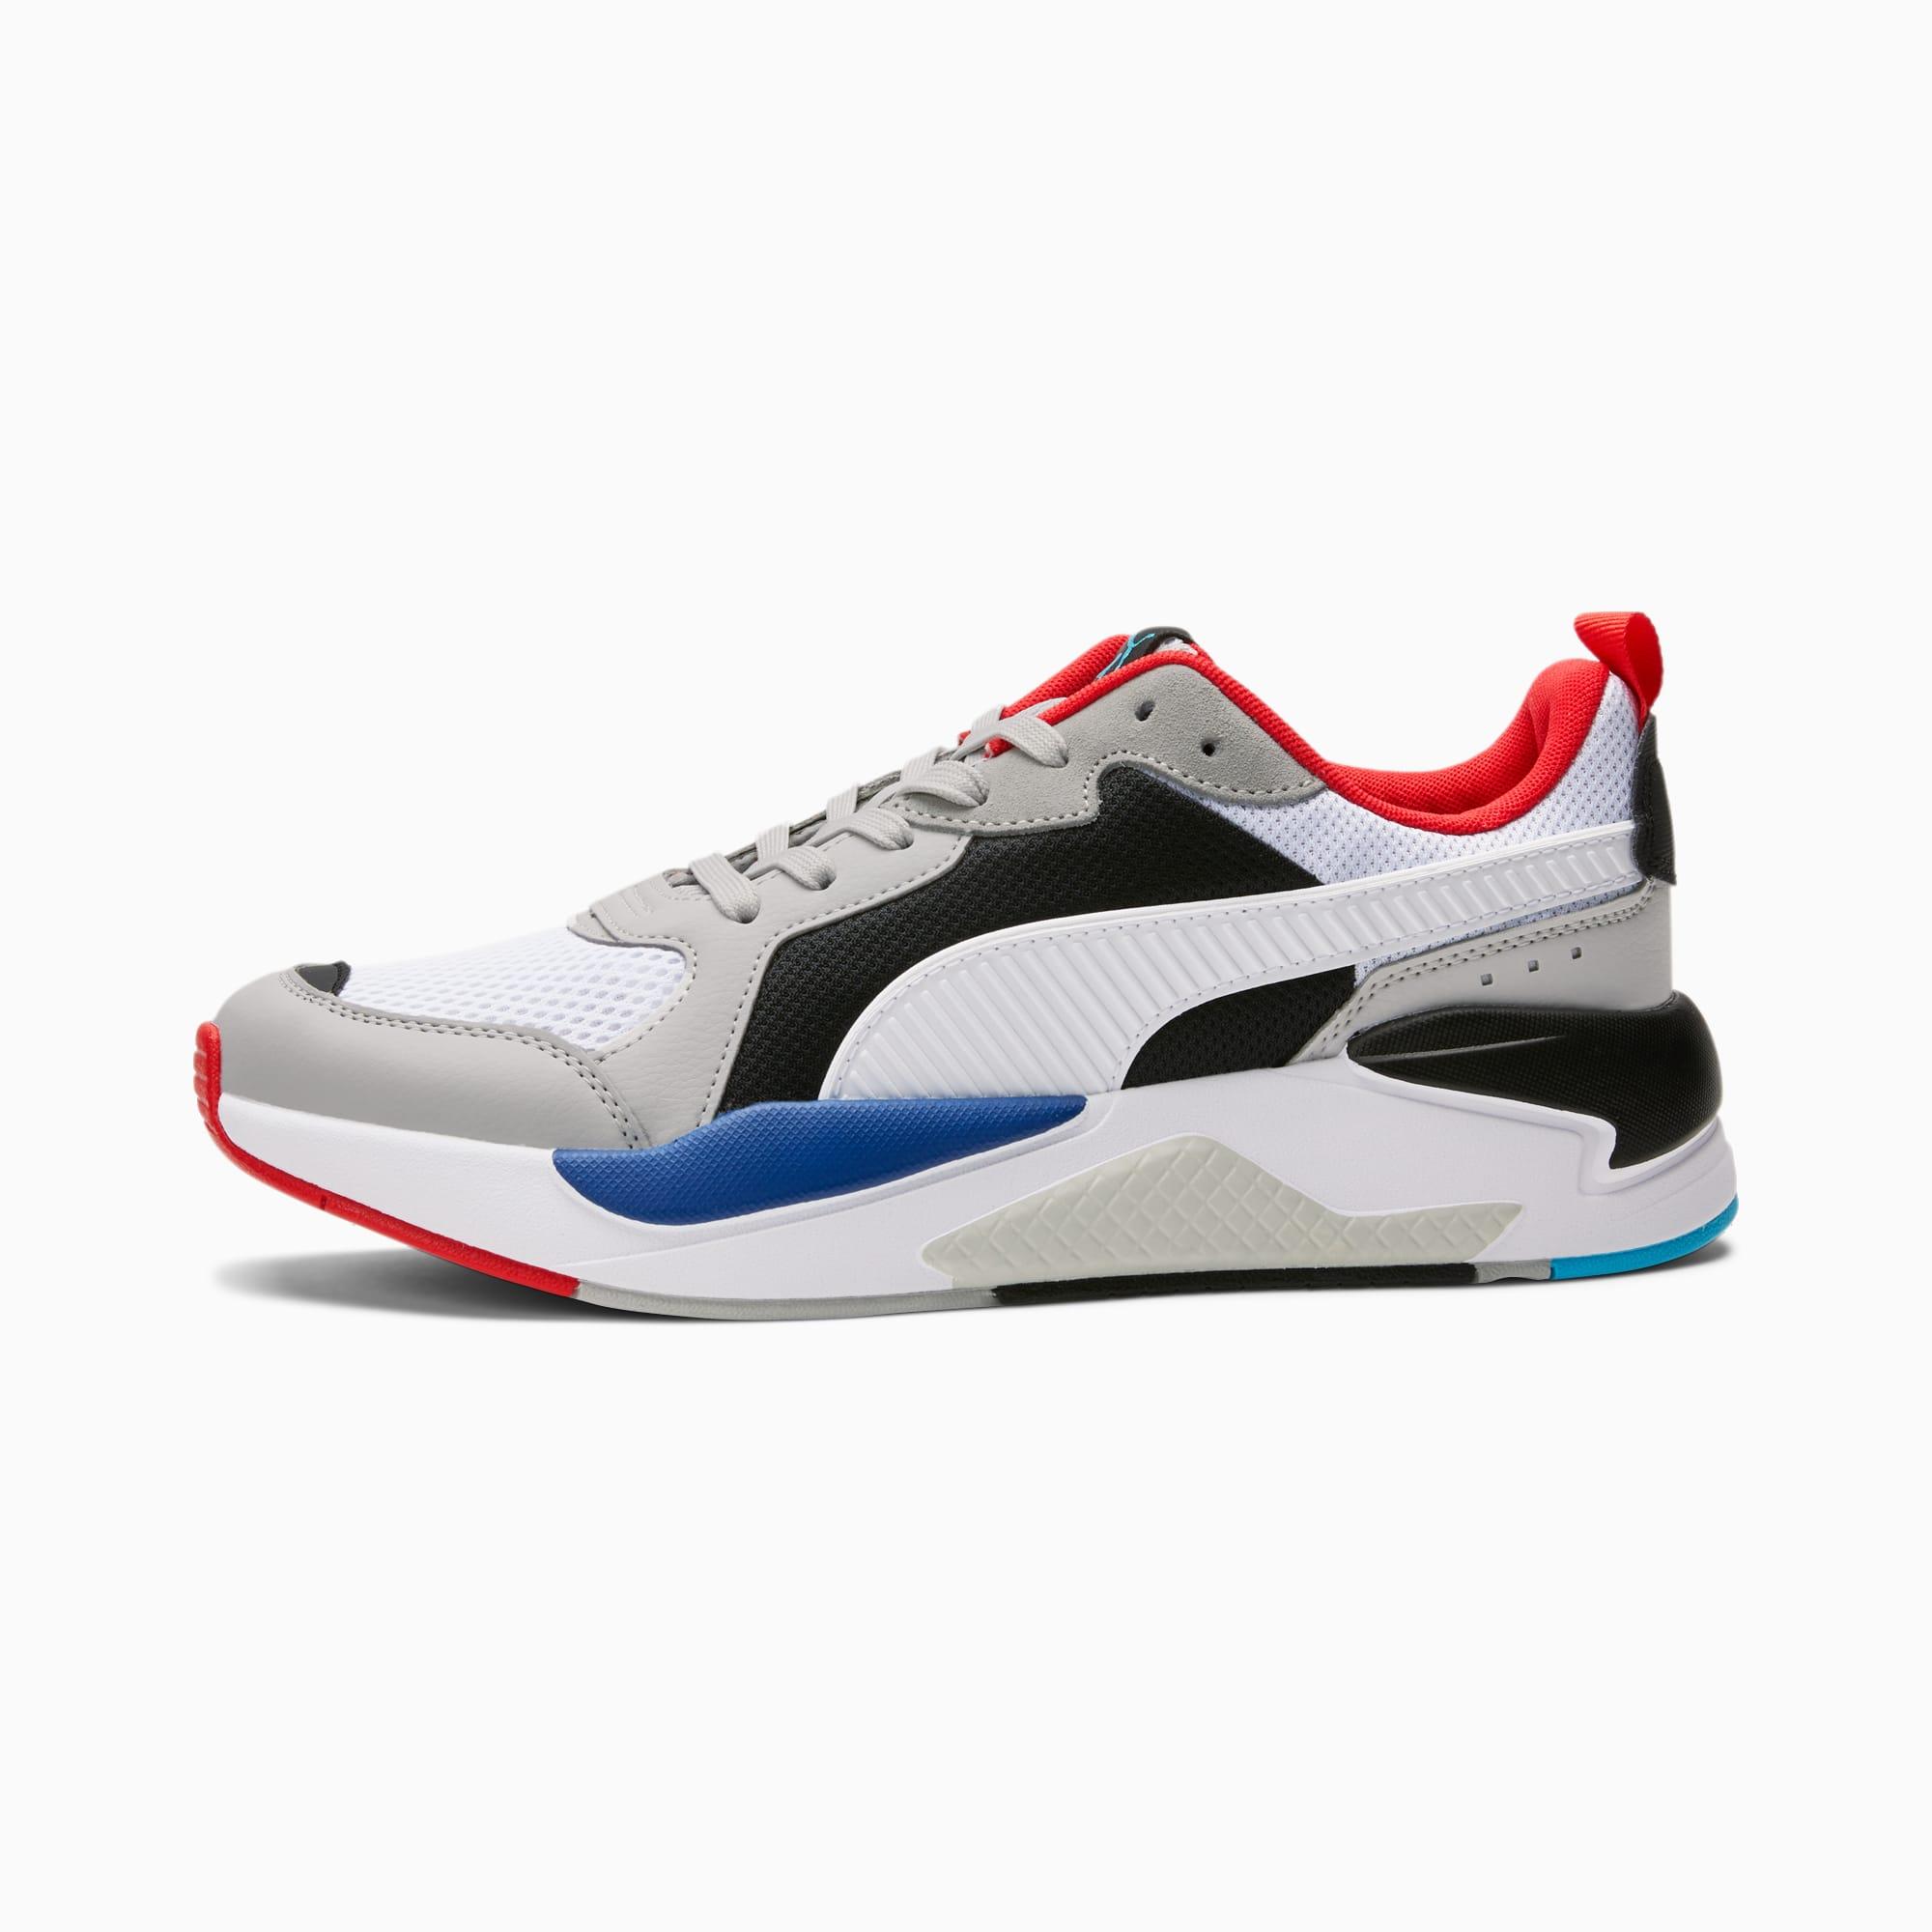 PUMA X-Ray Sneaker Schuhe   Mit Aucun   Rot/Blau/Grau   Größe: 38.5